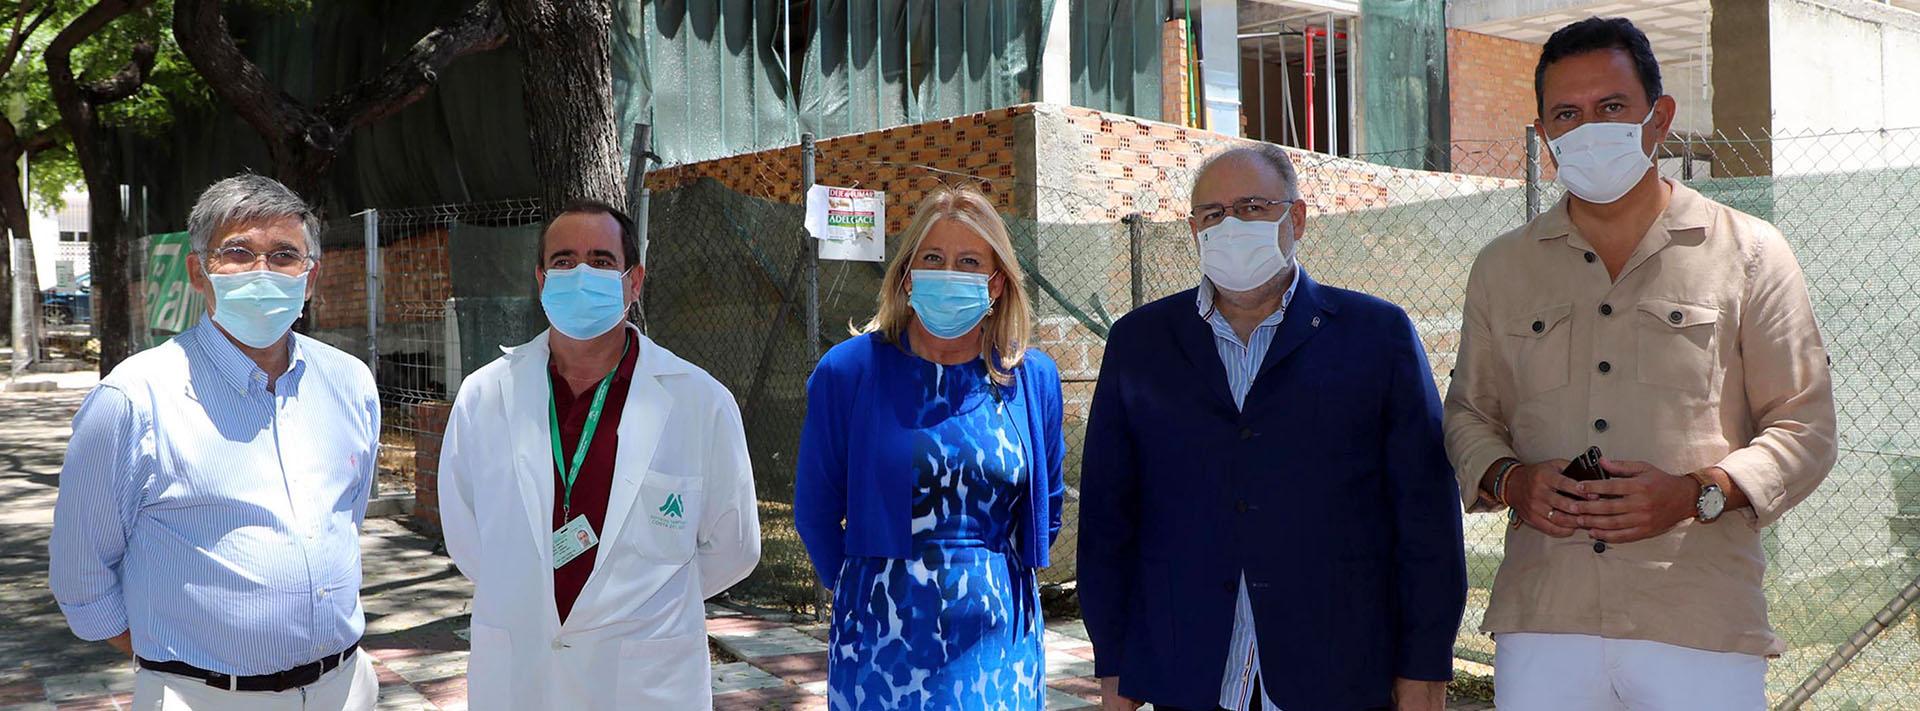 Las obras del centro de salud de San Pedro Alcántara finalizarán este año